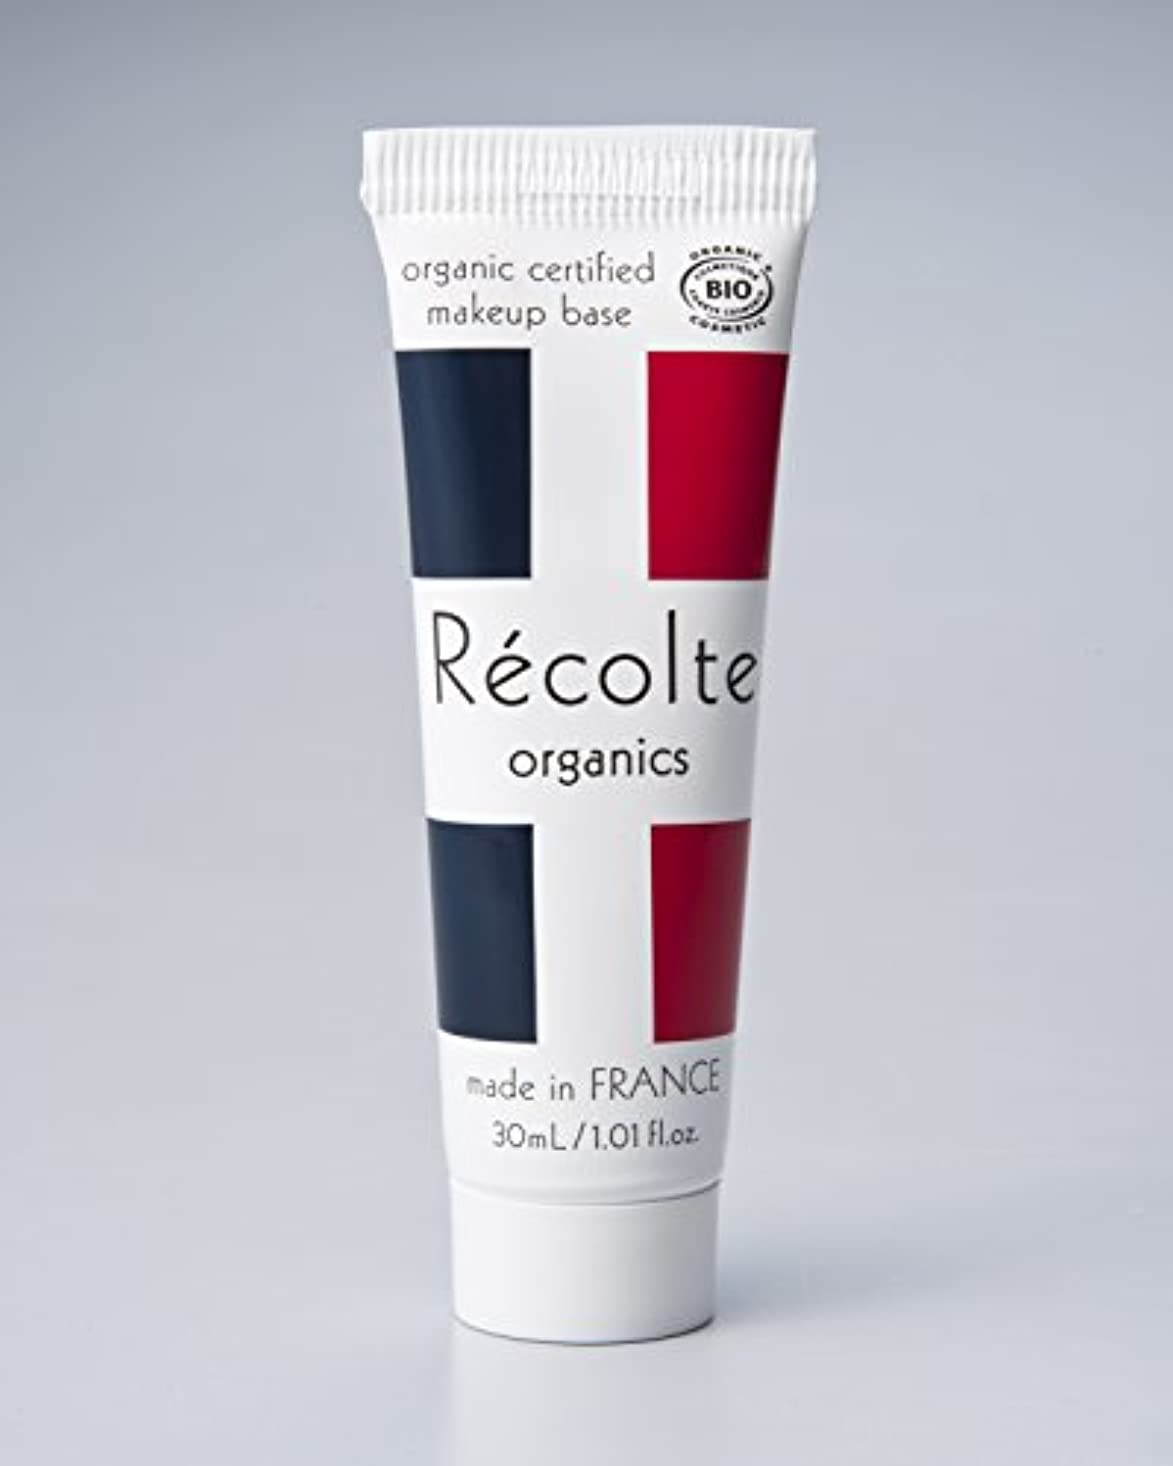 エレガント理想的本部Recolte organics natural makeup base レコルトオーガニック ナチュラルメイクアップベース 化粧下地 SPF15 30ml